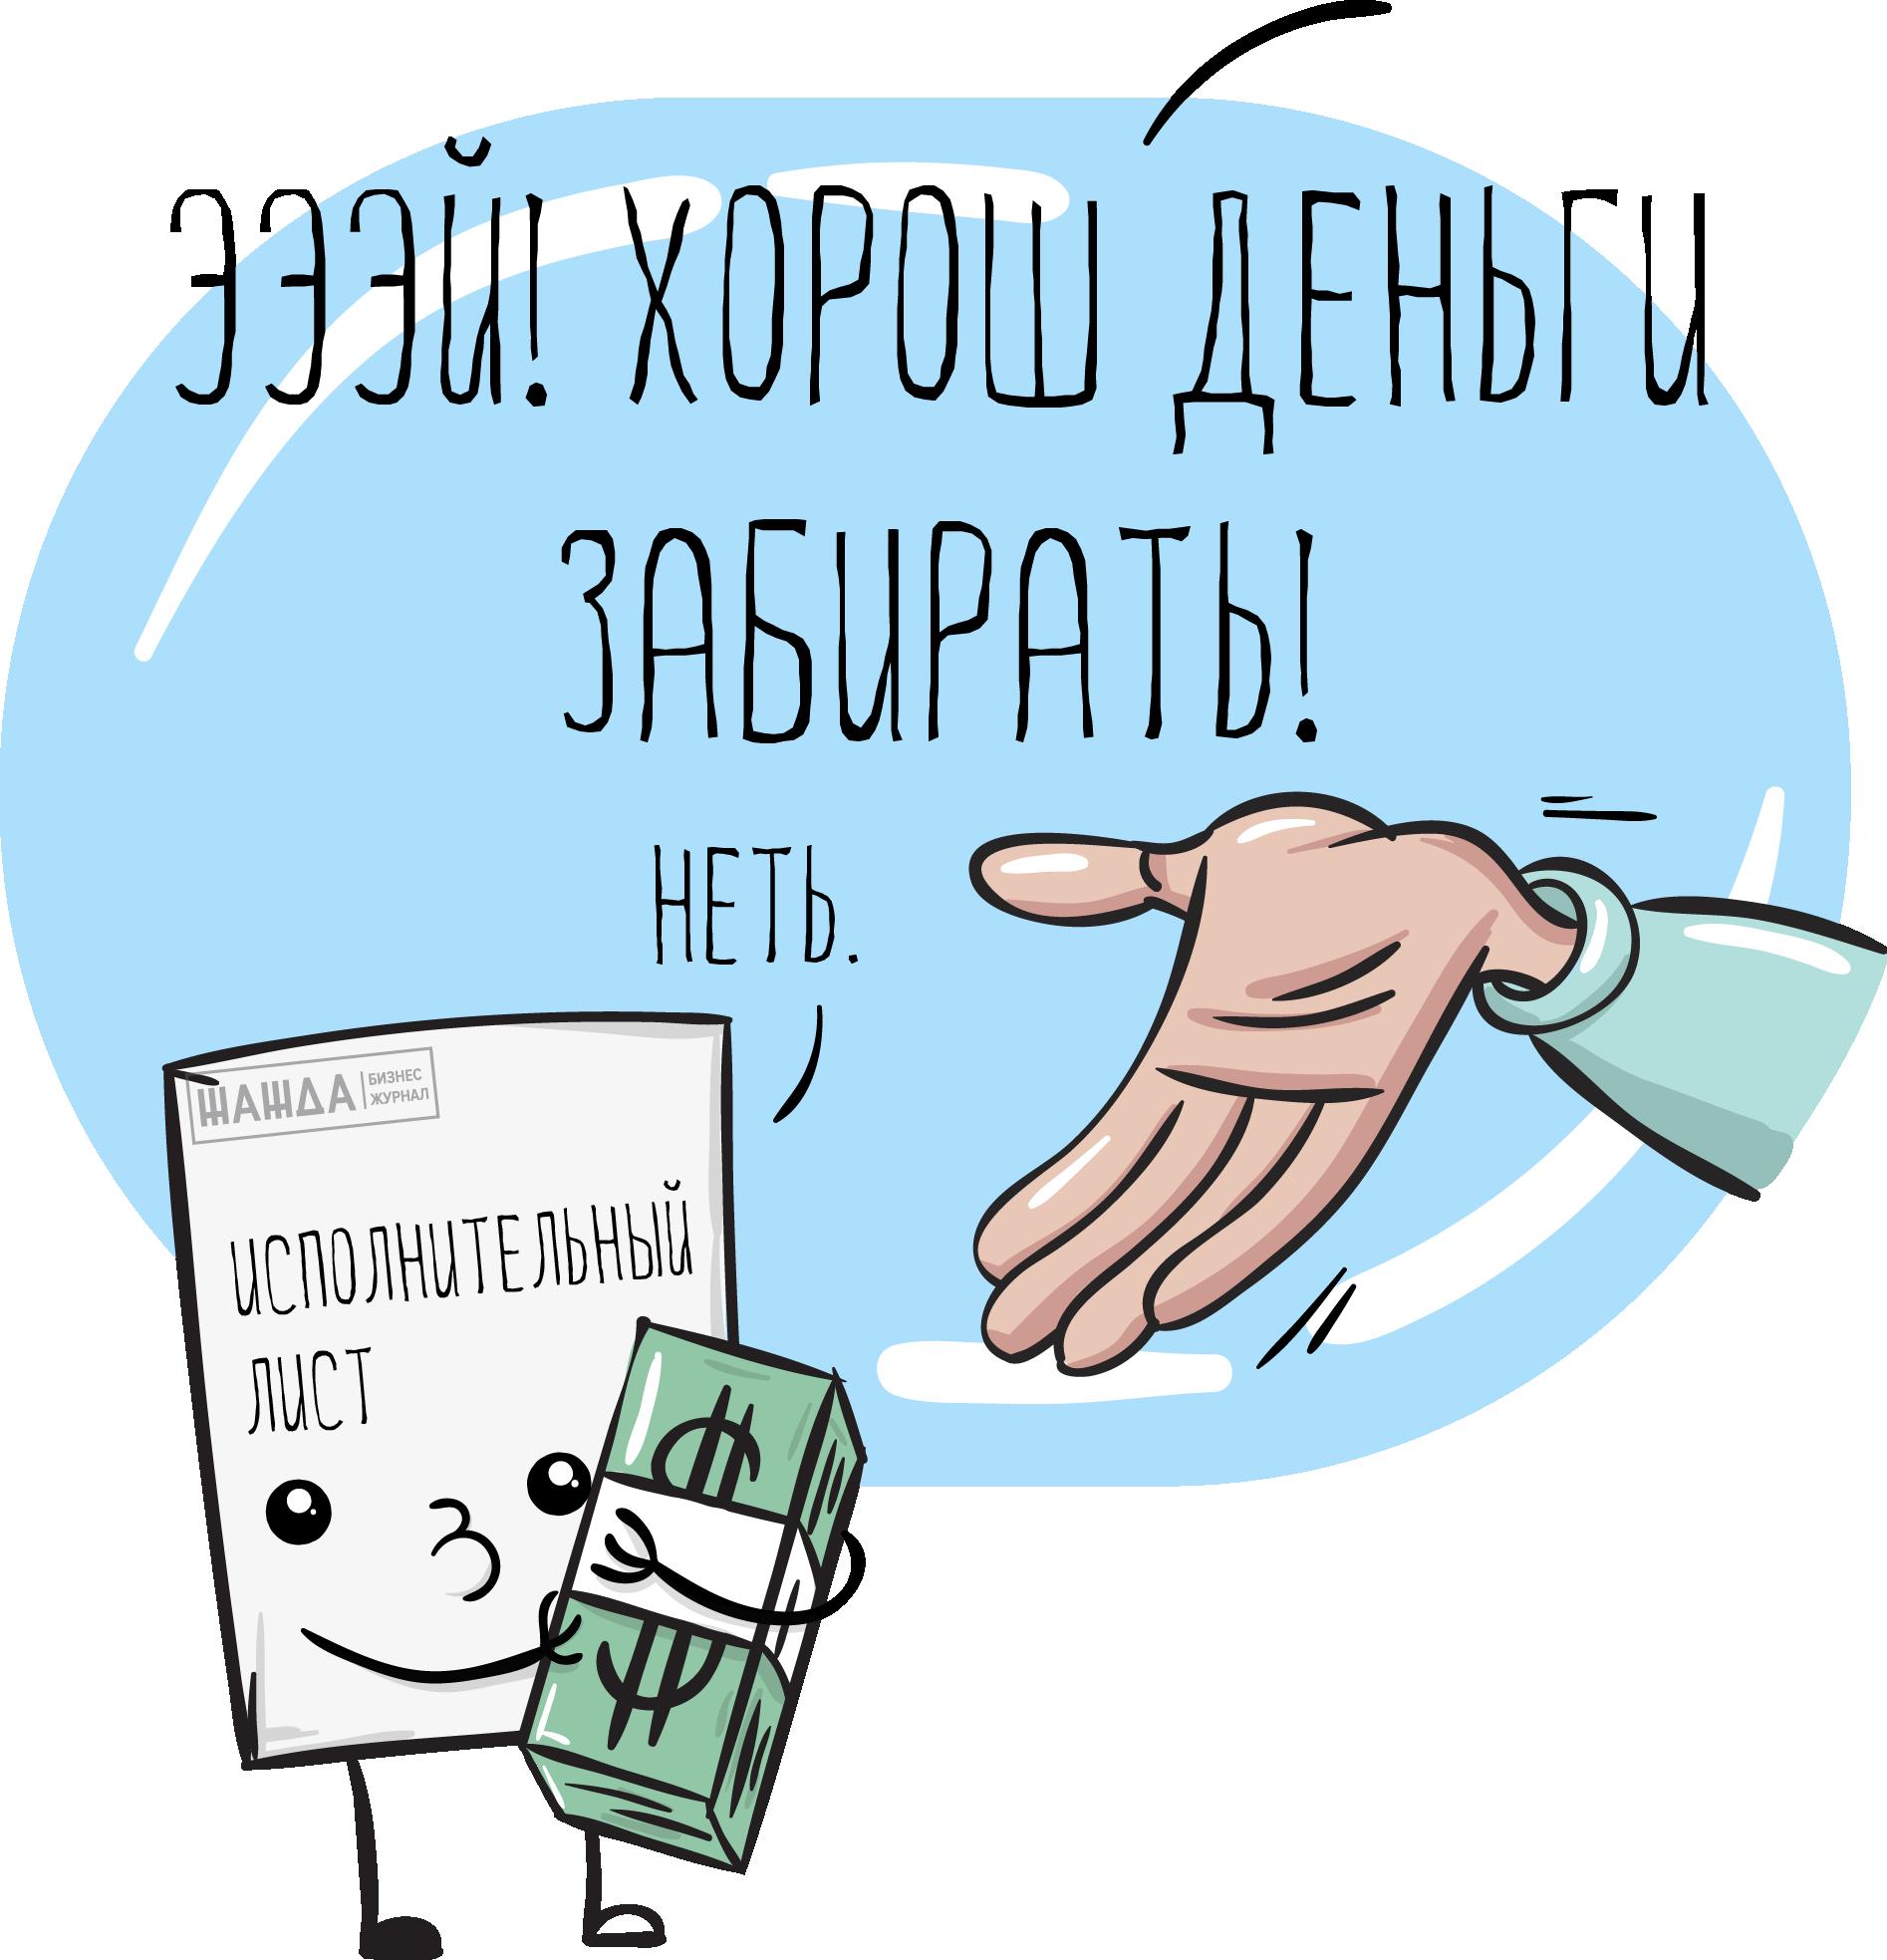 Карикатура на исполнительный лист